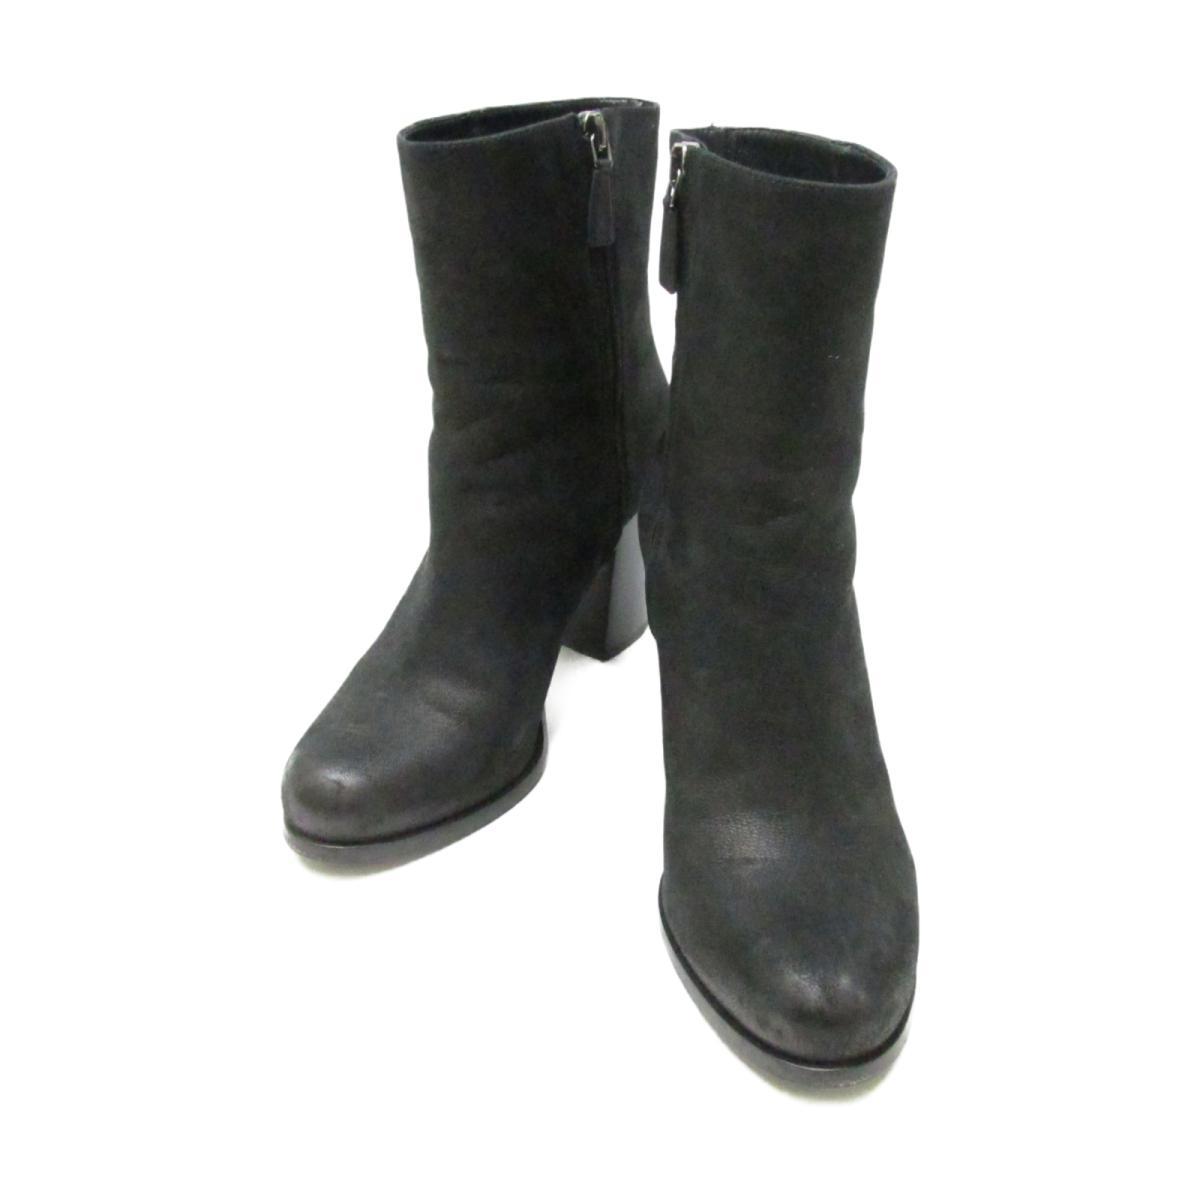 【中古】 プラダ ショートブーツ レディース レザー ブラック | PRADA くつ 靴 ショートブーツ 美品 ブランドオフ